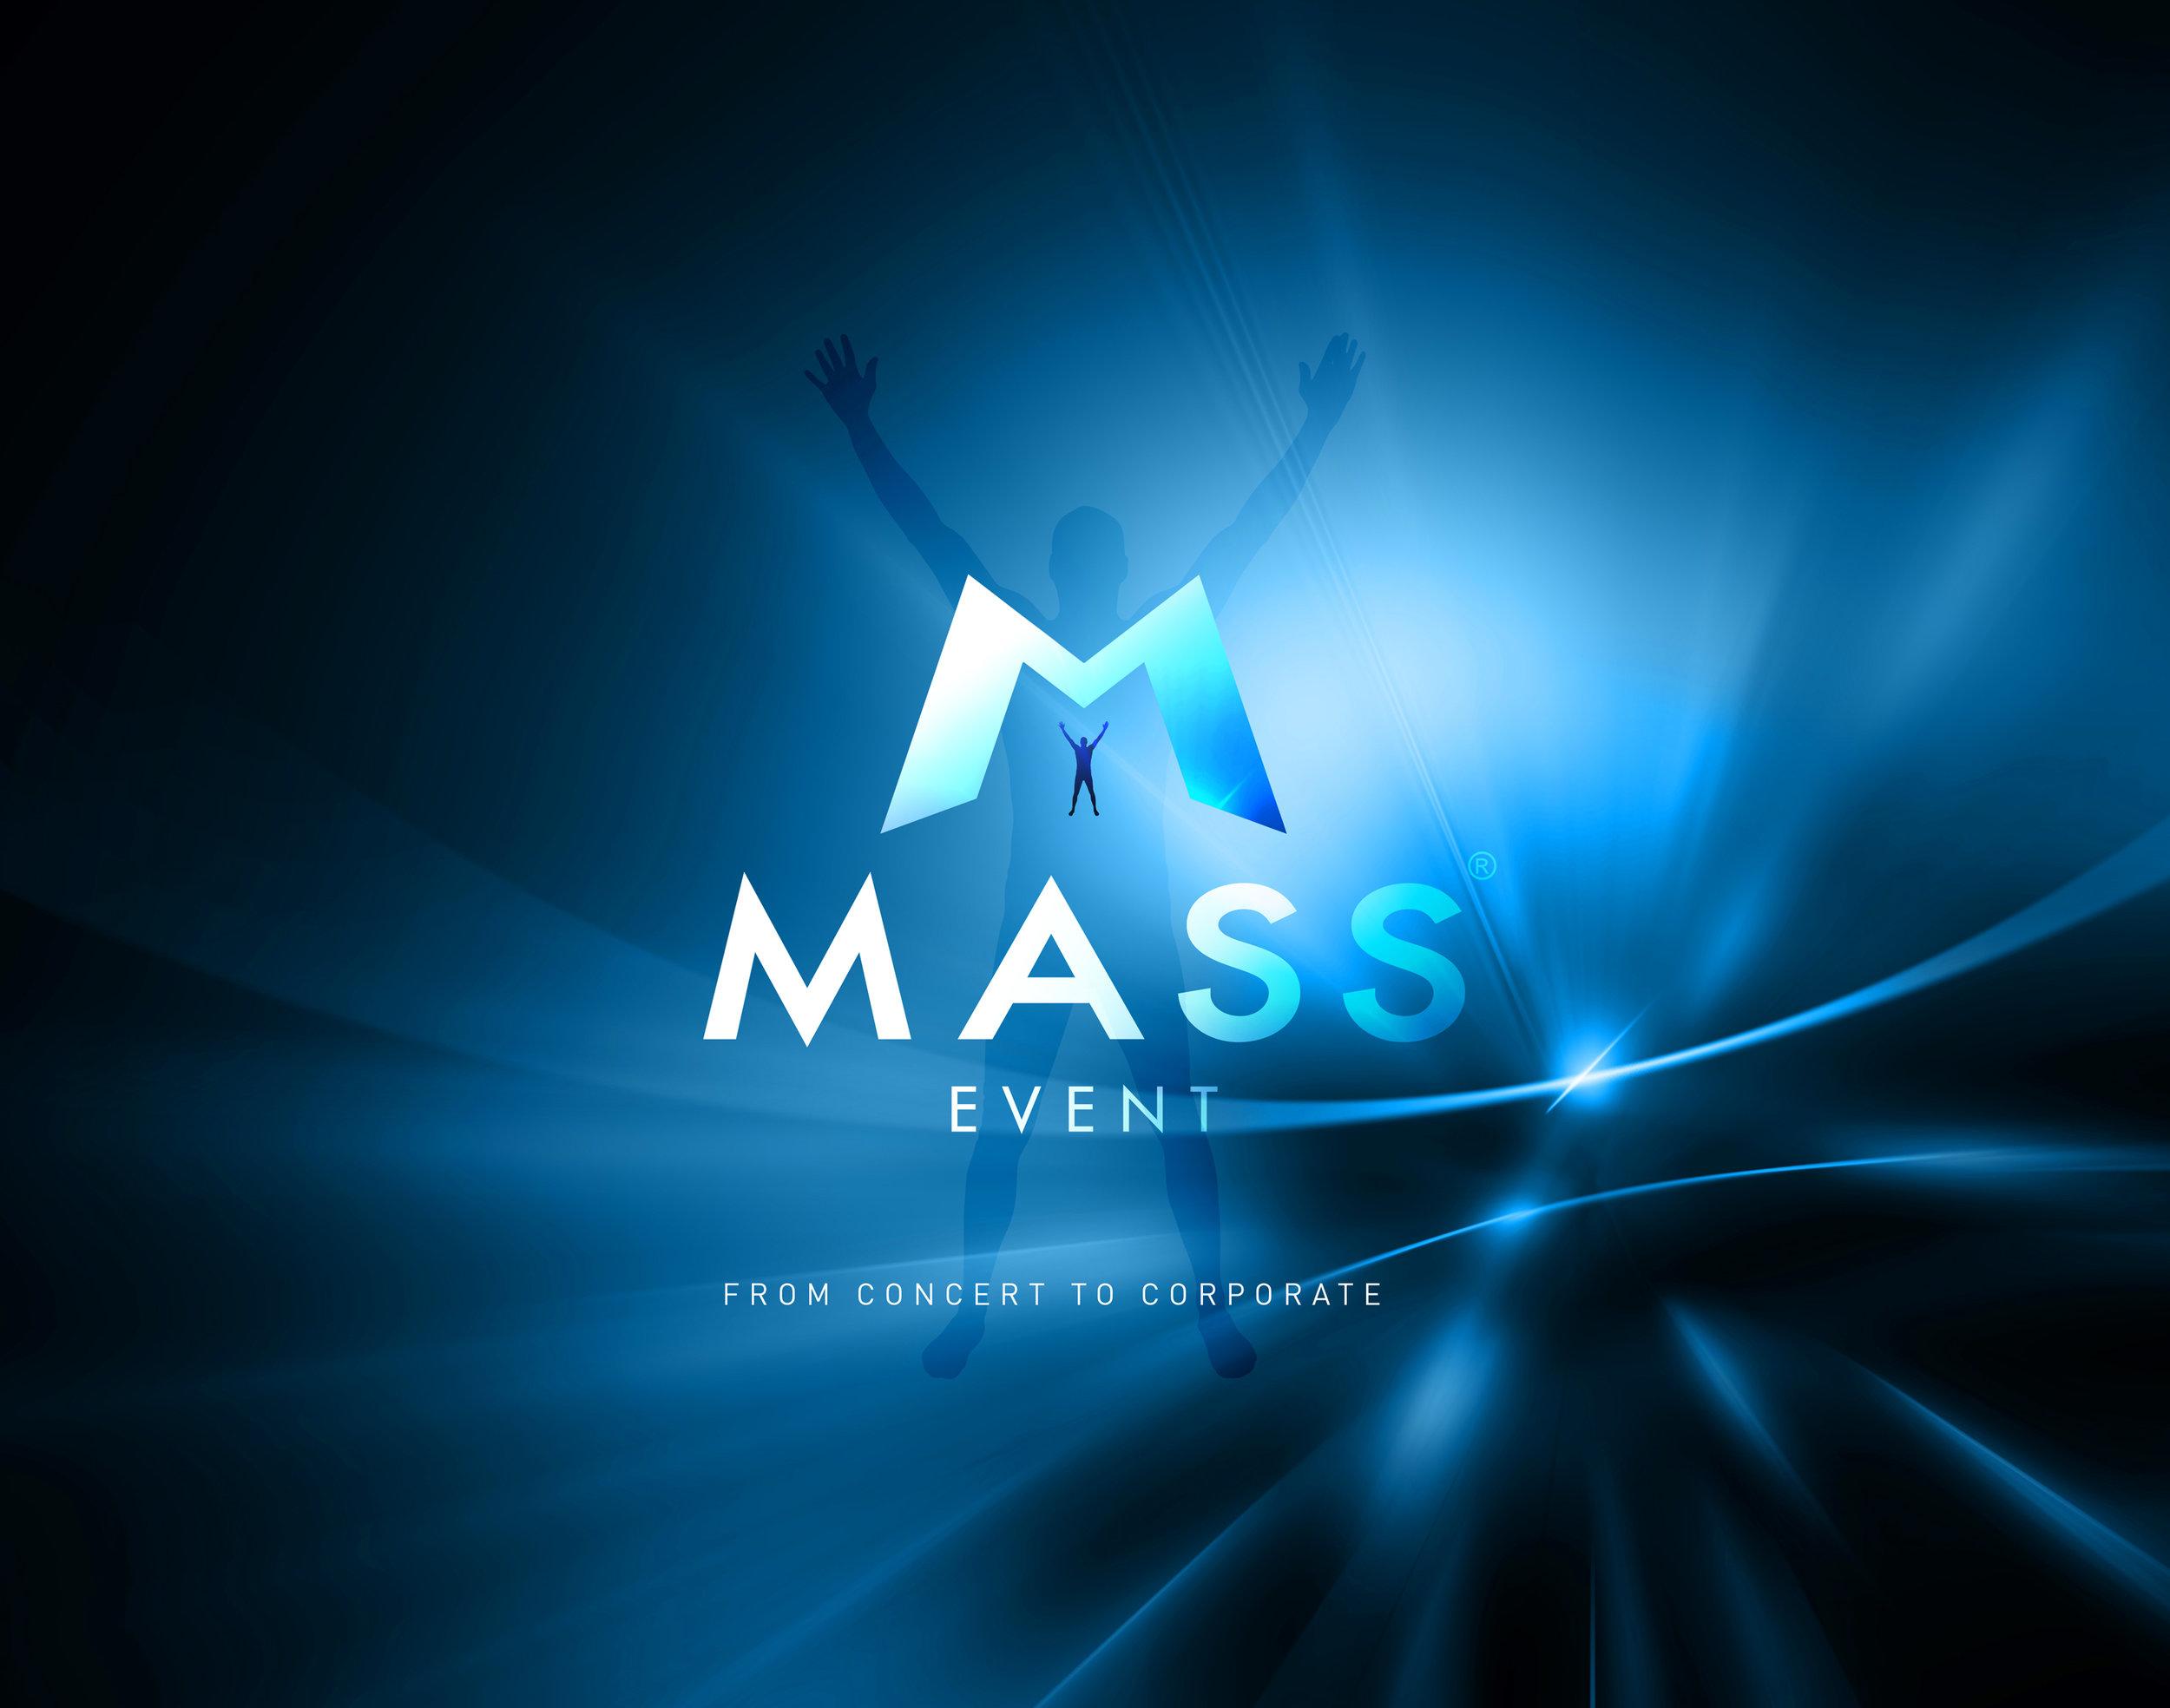 MASS screen2.jpg